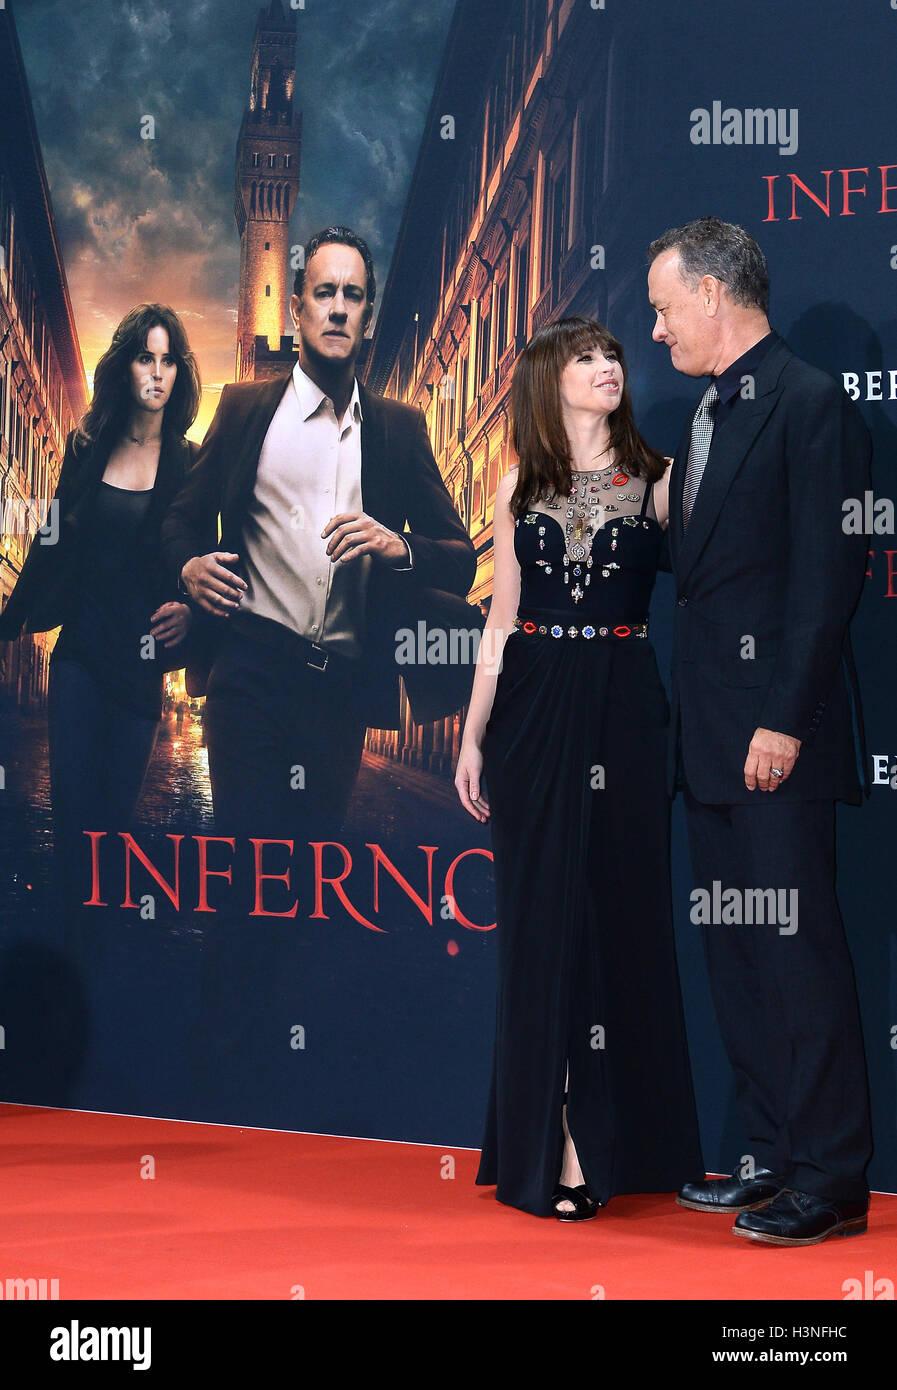 Berlino, Germania. 10 ottobre, 2016. L'attrice britannica Felicity Jones (L) e l'attore americano Tom Hanks (R) Foto Stock